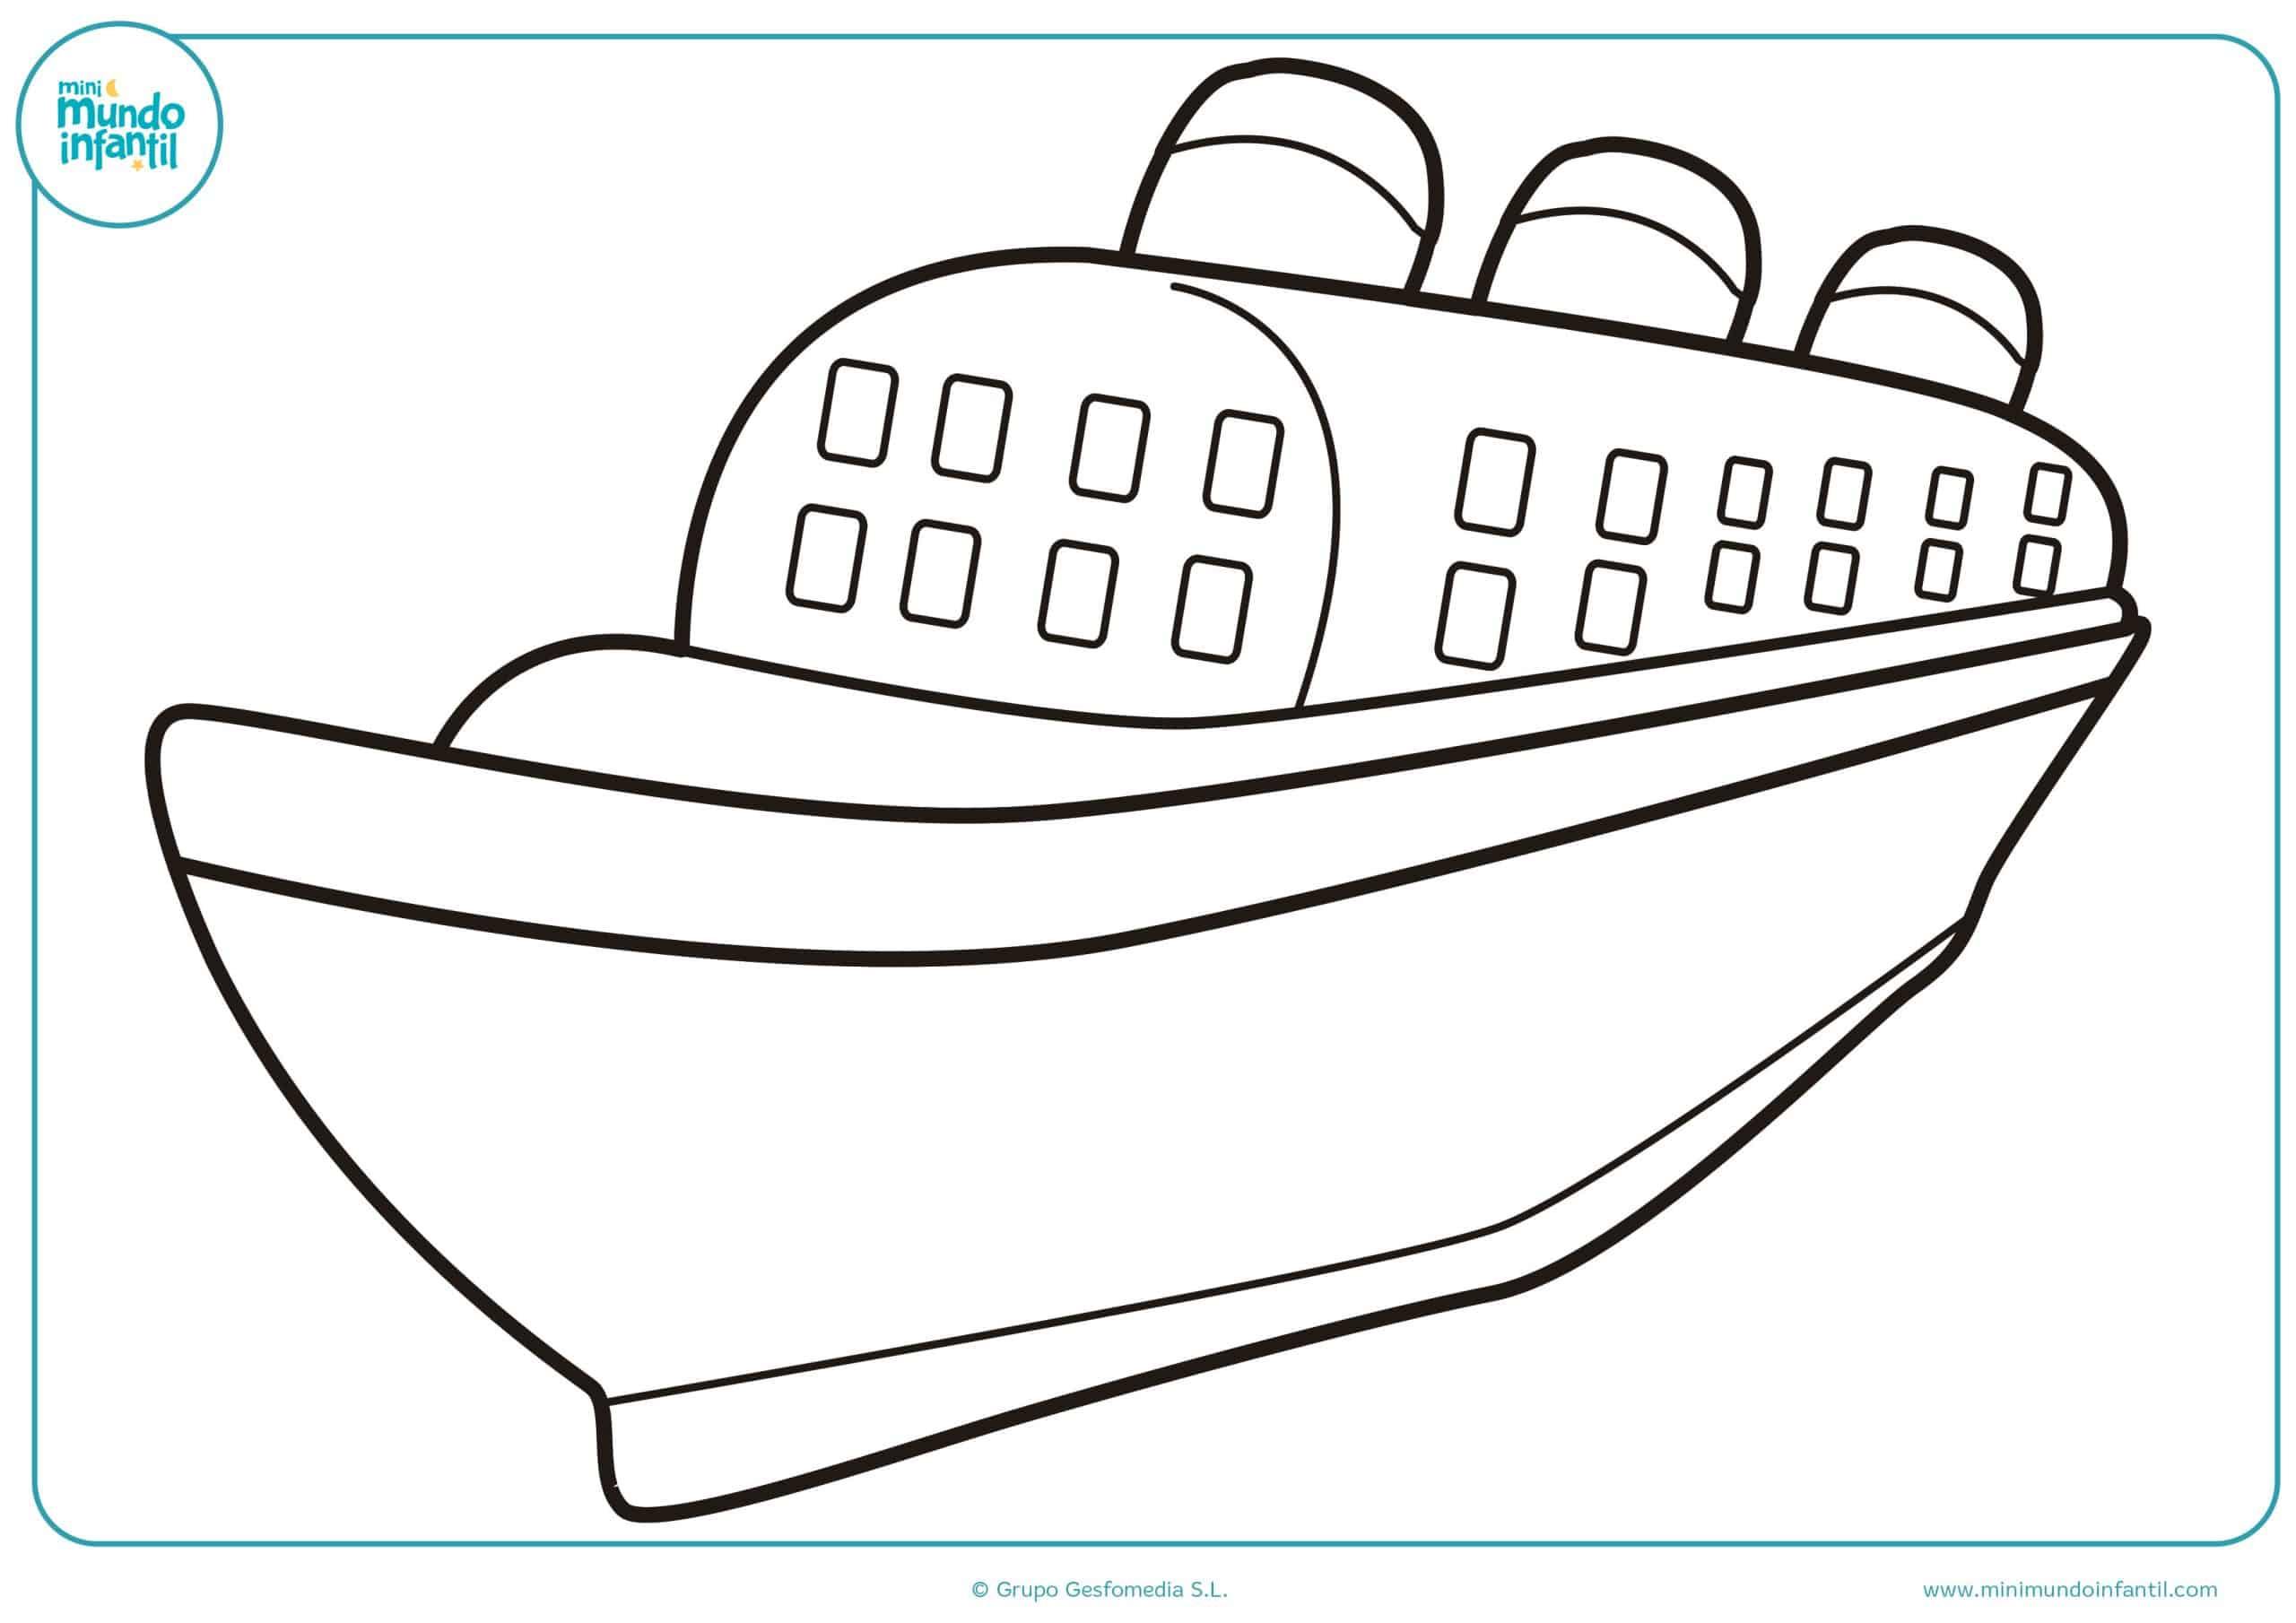 Colorear dibujos barcos